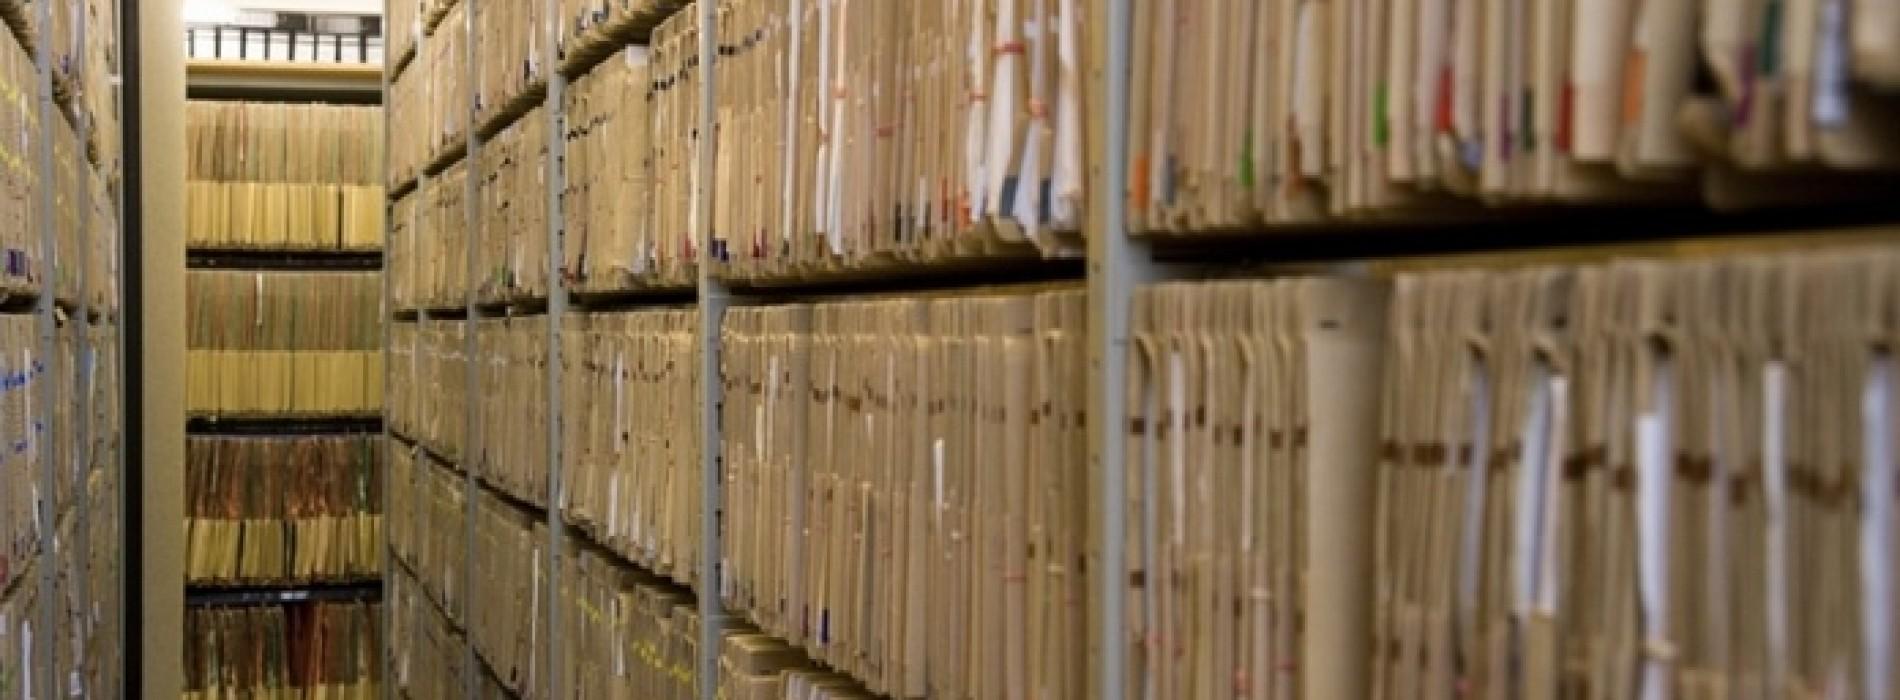 Co zrobić, aby móc oferować usługi księgowe?